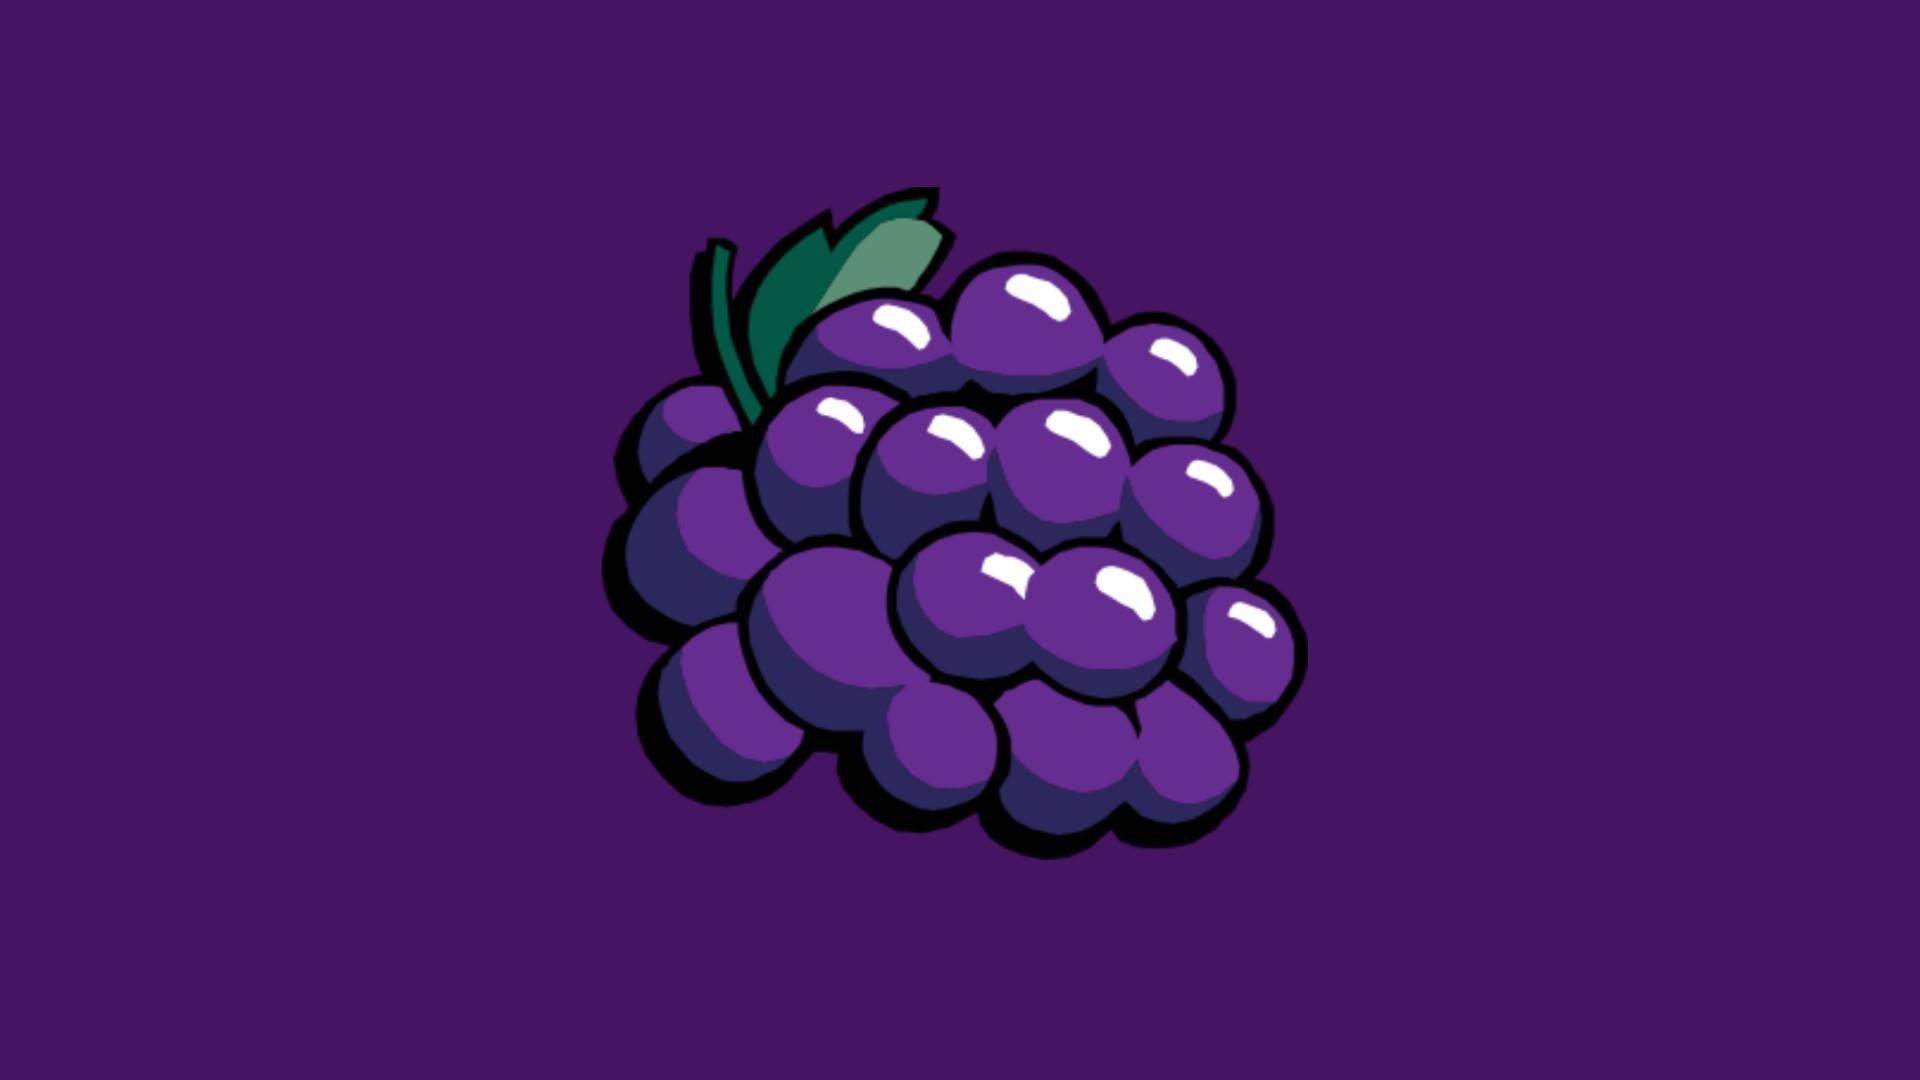 Killer Grape wallpaper